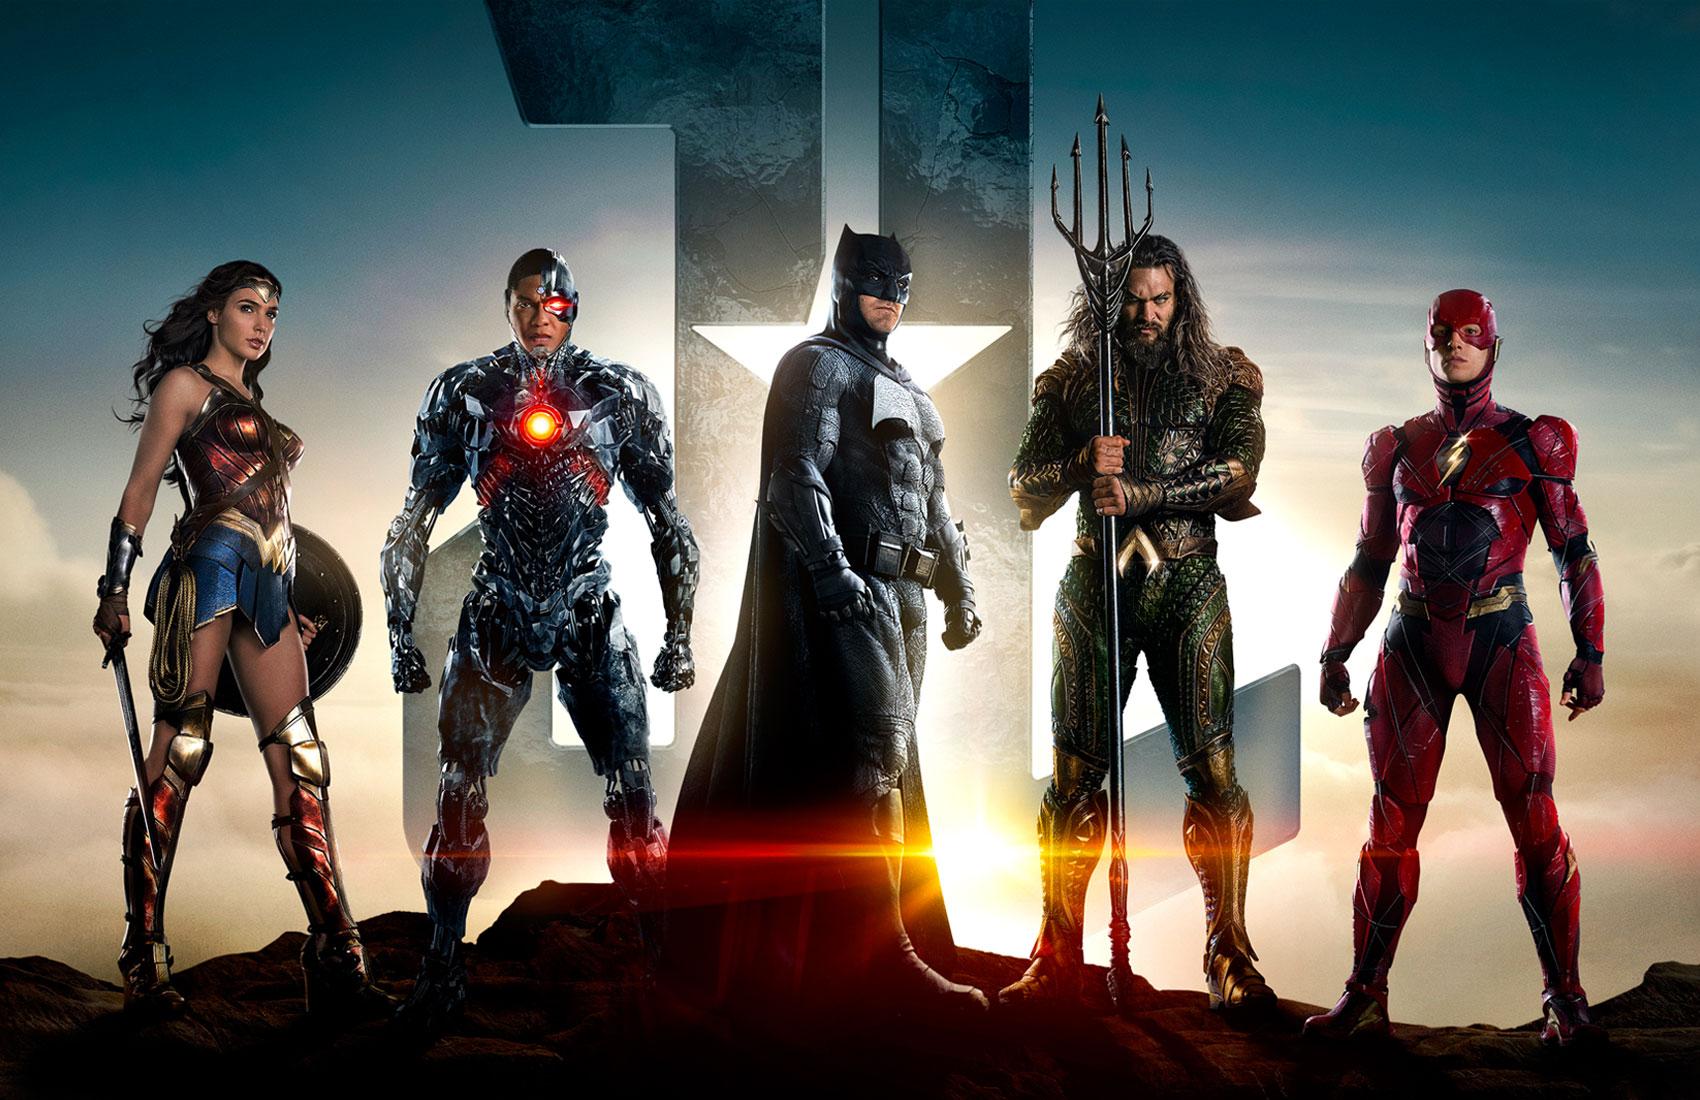 تحلیل فیلم Justice League لیگ عدالت به کارگردانی زک اسایندر